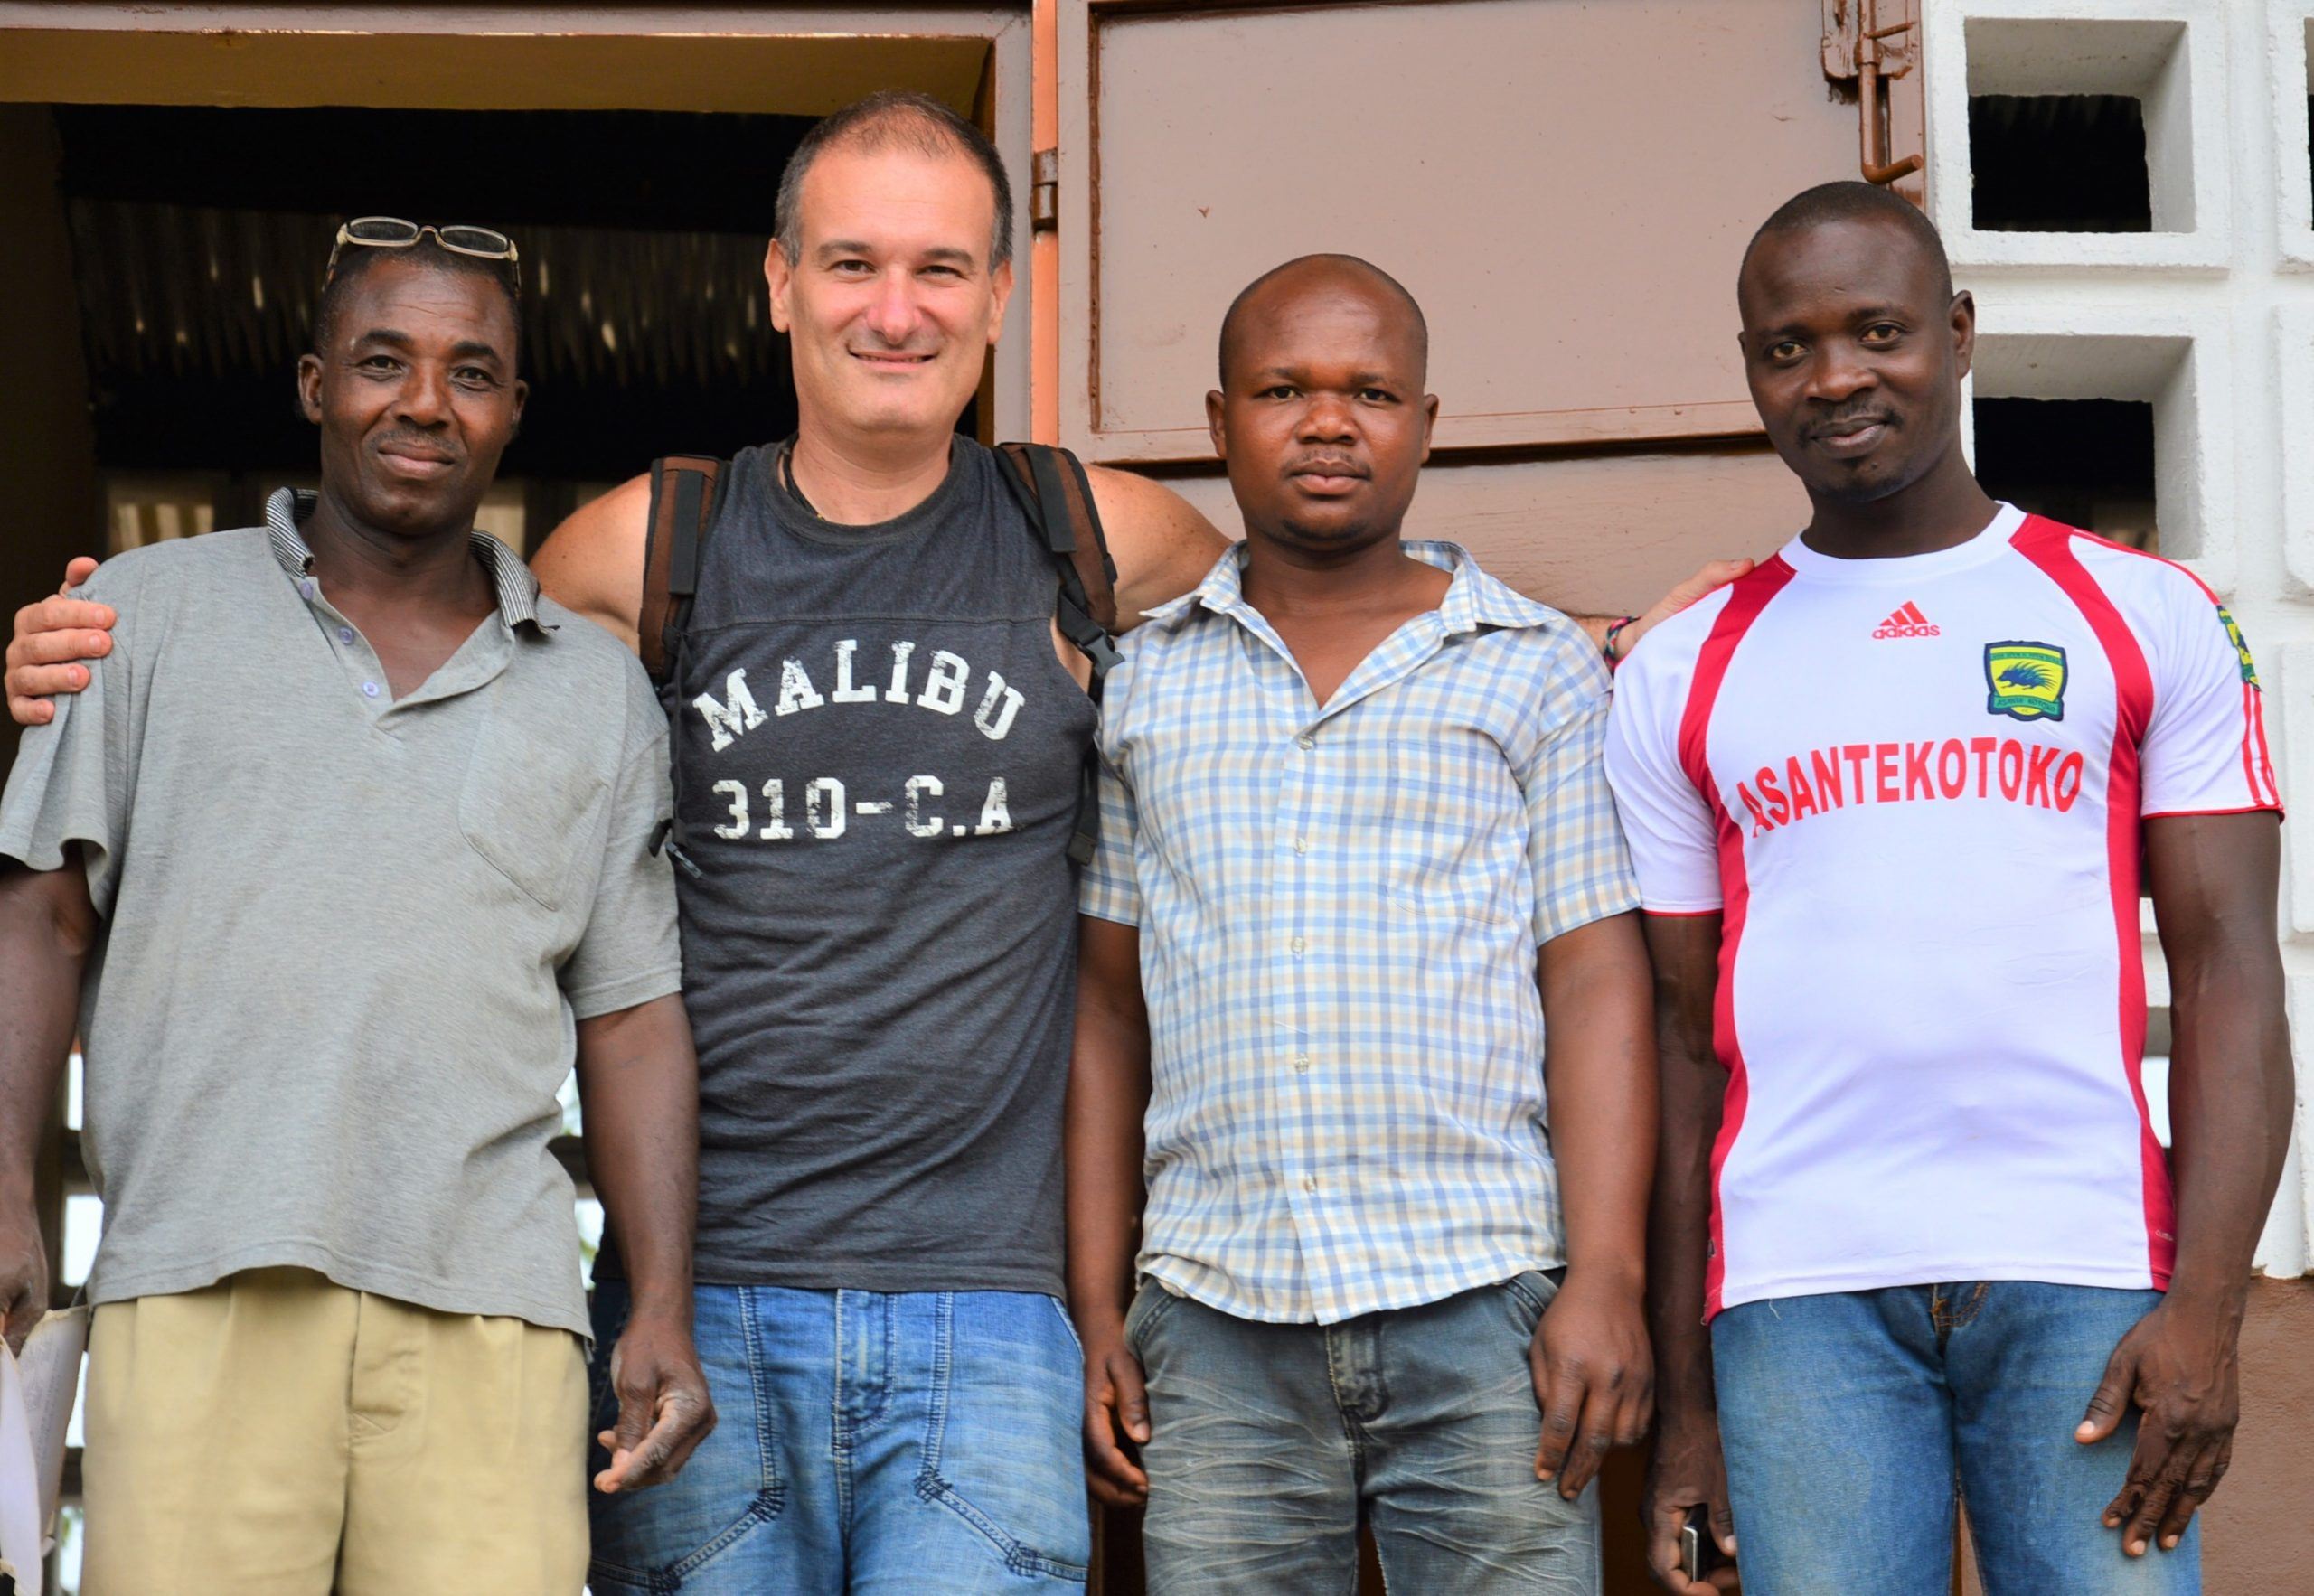 danyi-hi-heatro-il-progetto-di-sostegno-scolastico-in-un-villaggio-africano